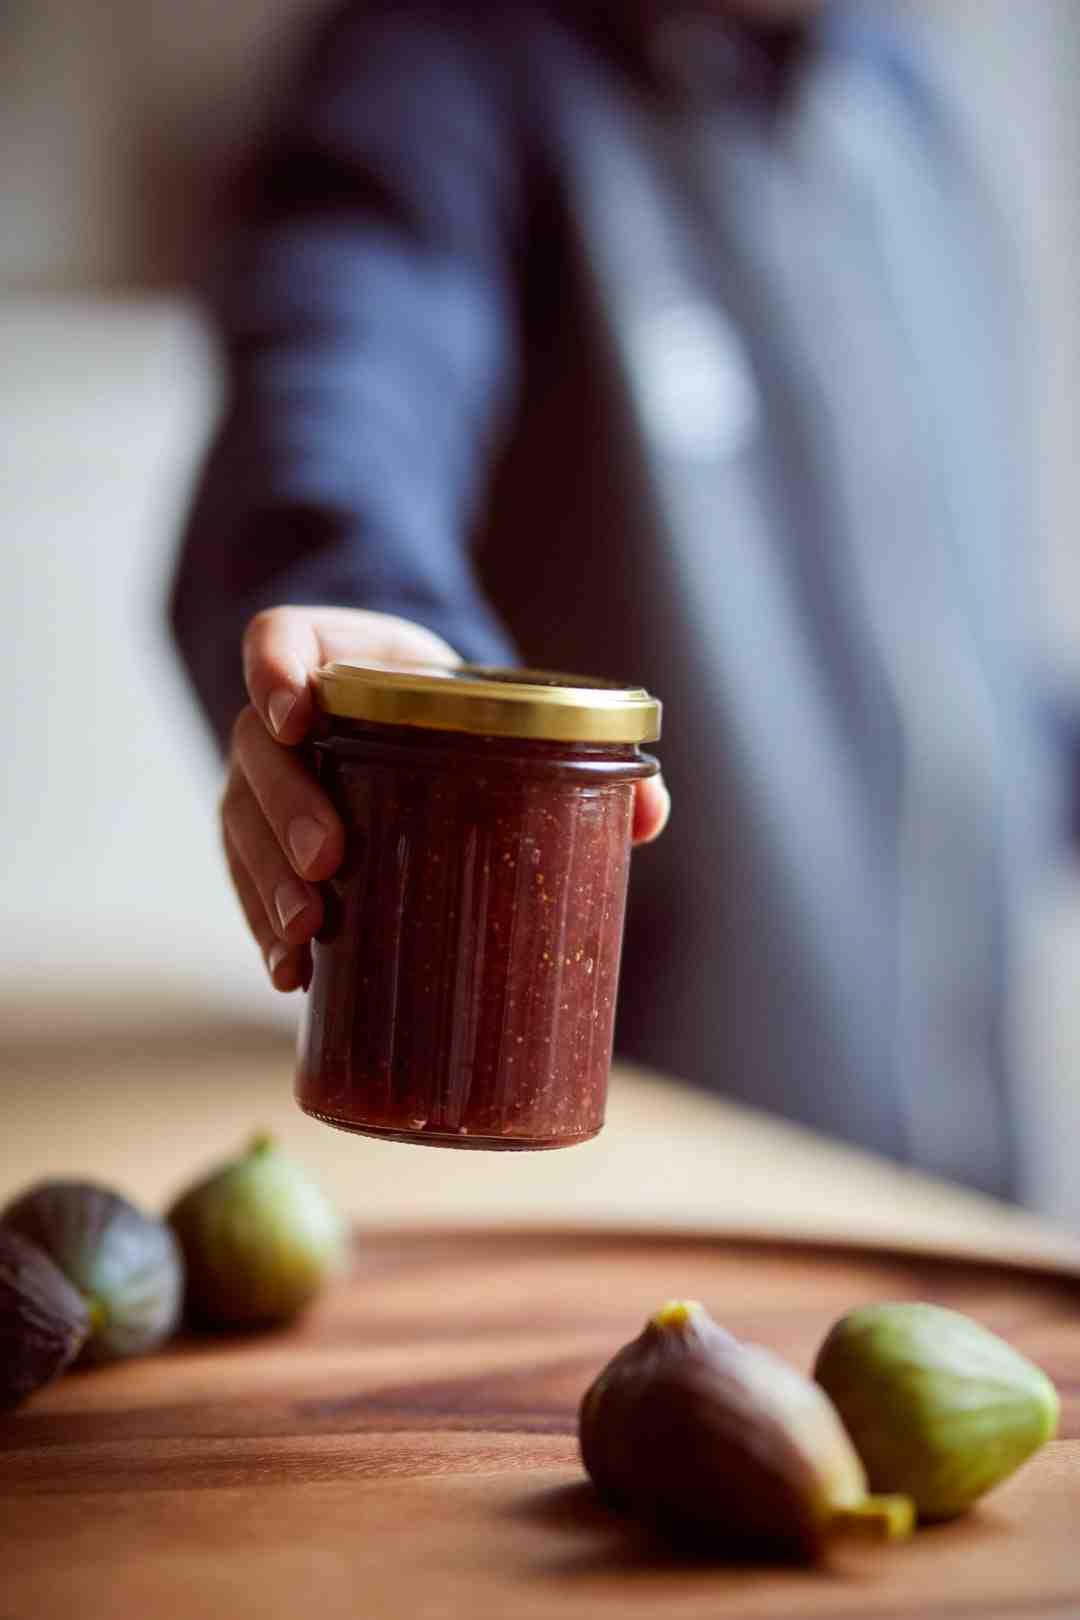 Comment compenser une confiture de cerises trop liquide?